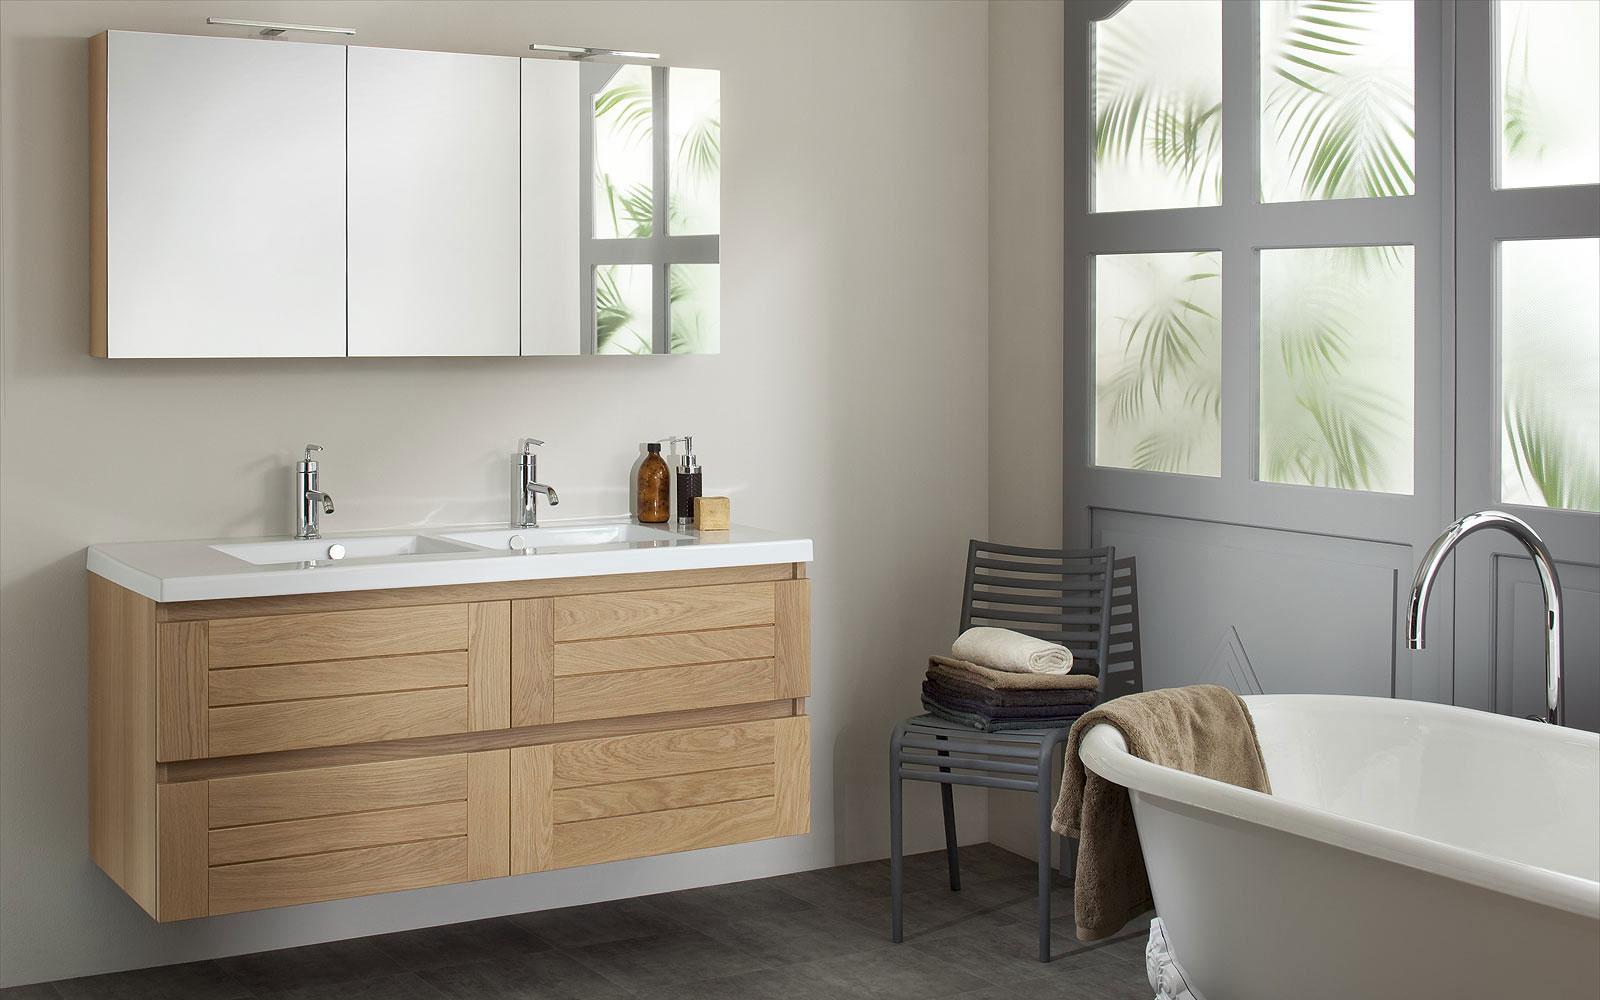 Salles de bains for But salle de bain